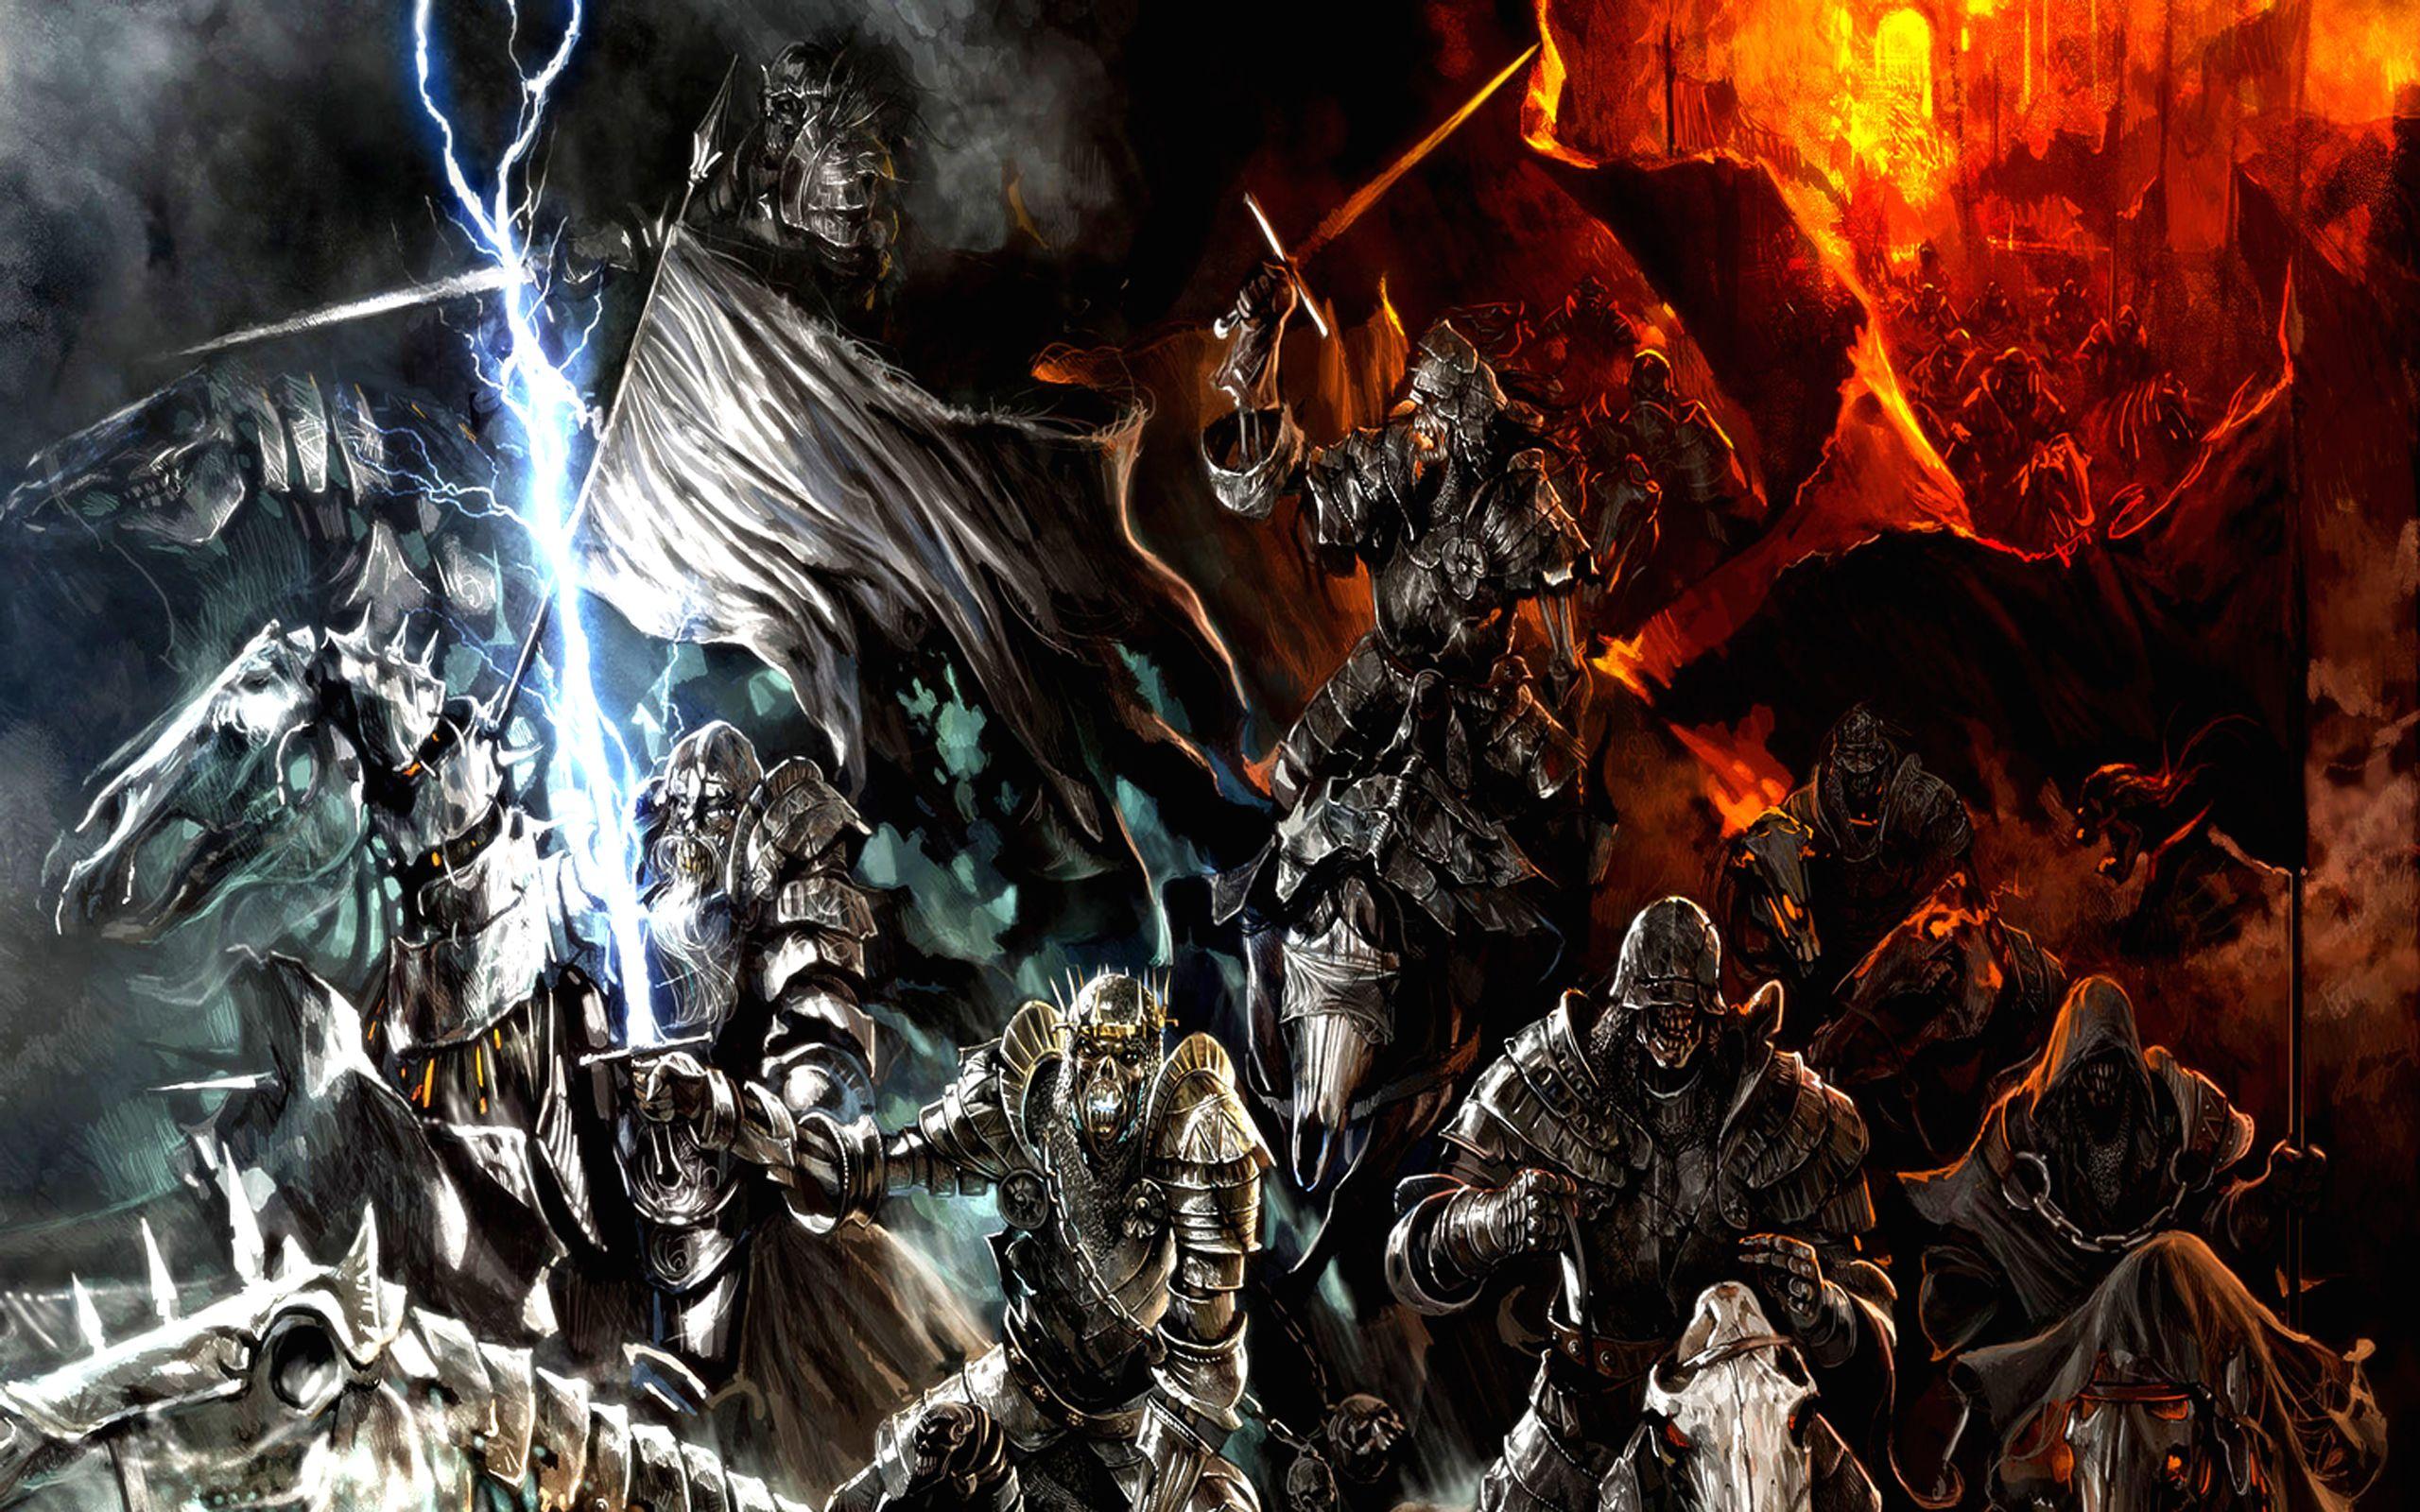 Fantasy Battle Fire Dark Warrior Epic Wallpaper Fantasie